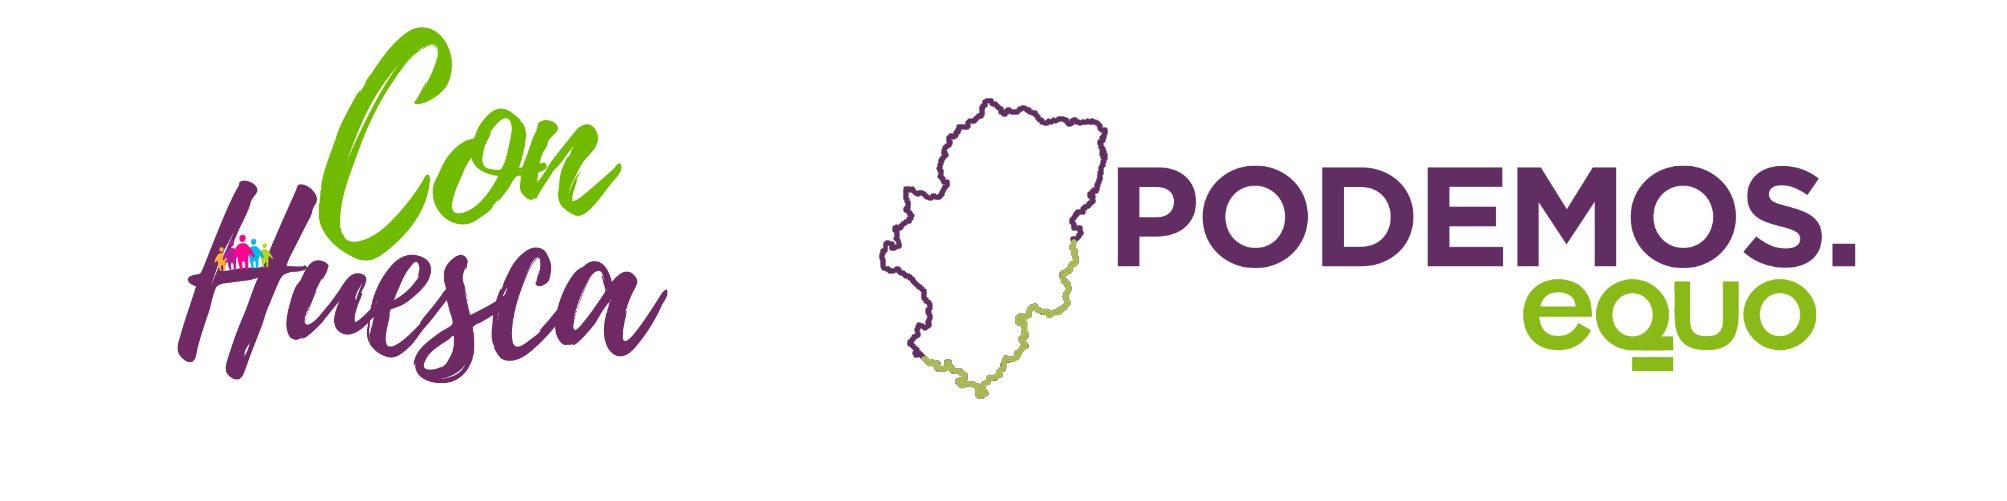 Con Huesca Podemos Equo